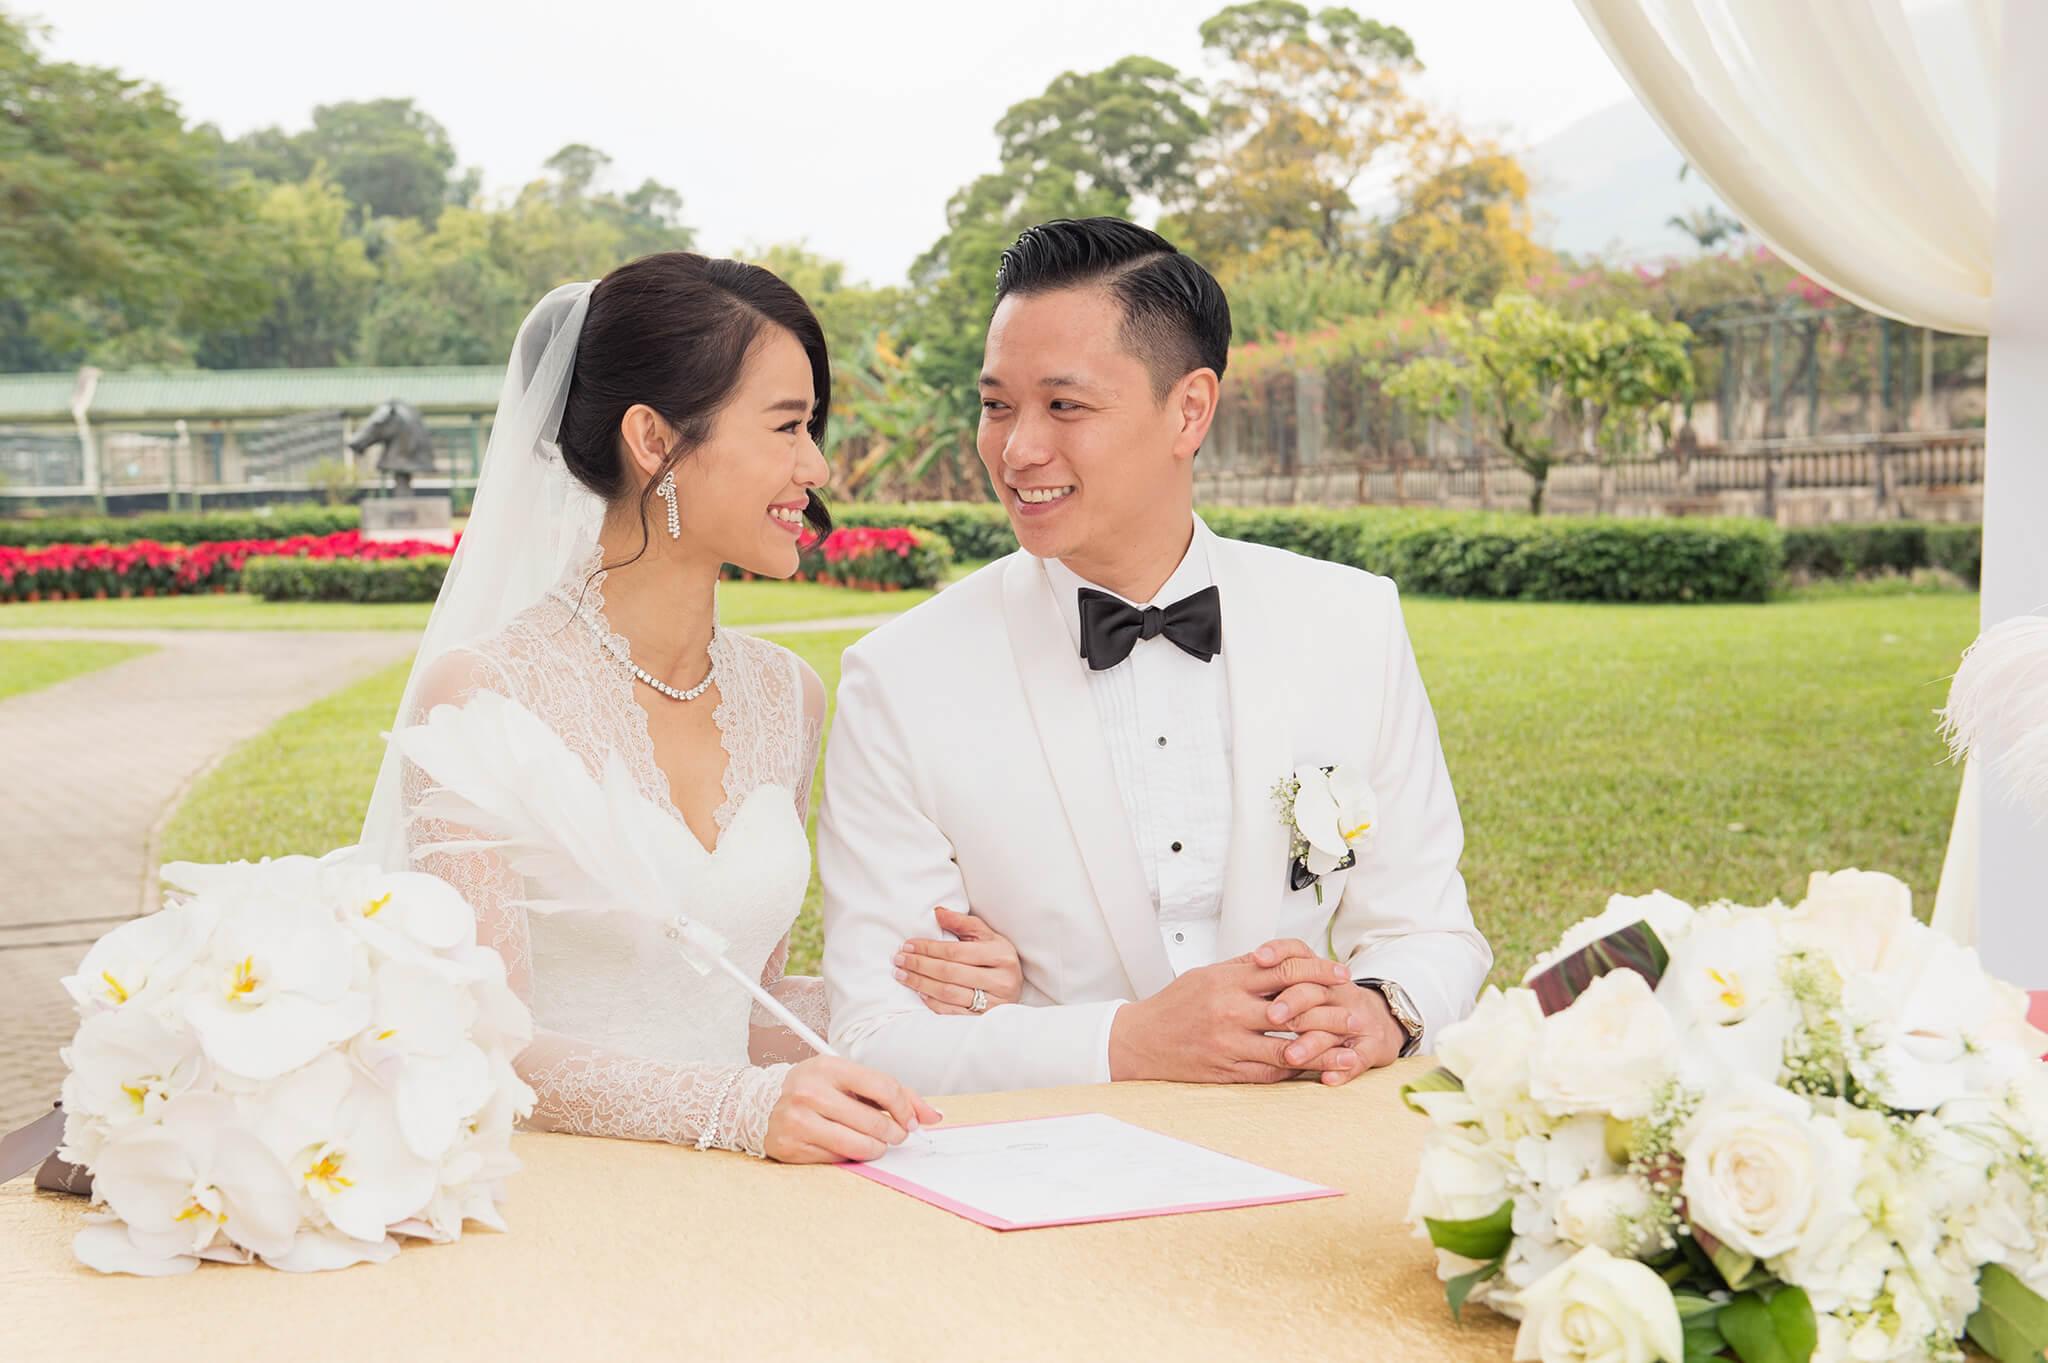 2015年12月28日,胡杏兒與李乘德在舉行以「祝李杏福」為主題的婚禮;杏兒穿着自家品牌的白色美人魚尾婚紗,與Philip於上水雙魚河鄉村會註冊。